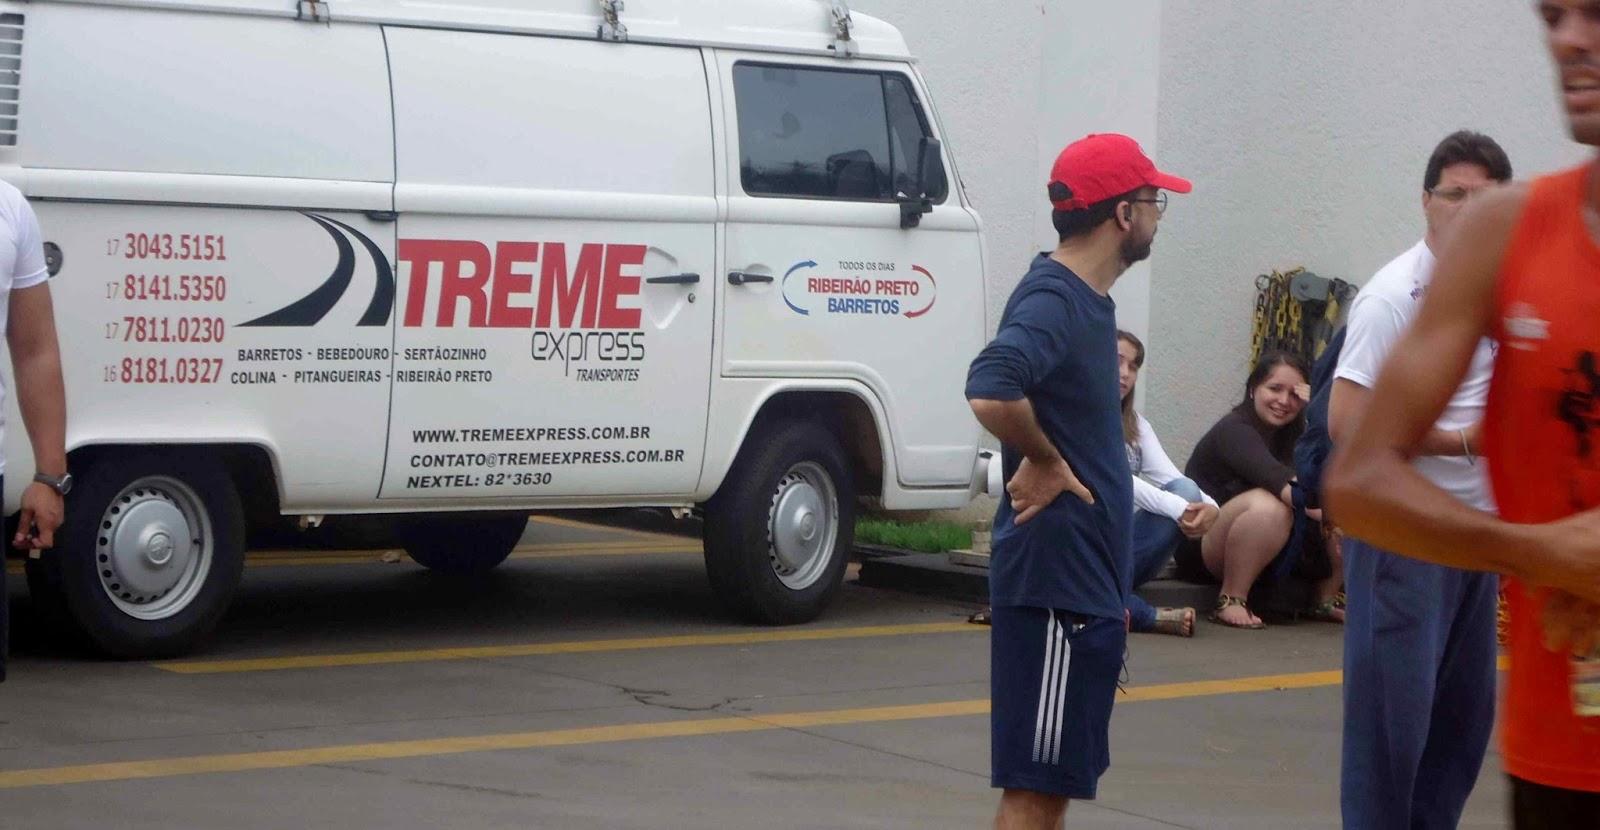 Foto 48 da 1ª Corrida Av. dos Coqueiros em Barretos-SP 14/04/2013 – Atletas cruzando a linha de chegada